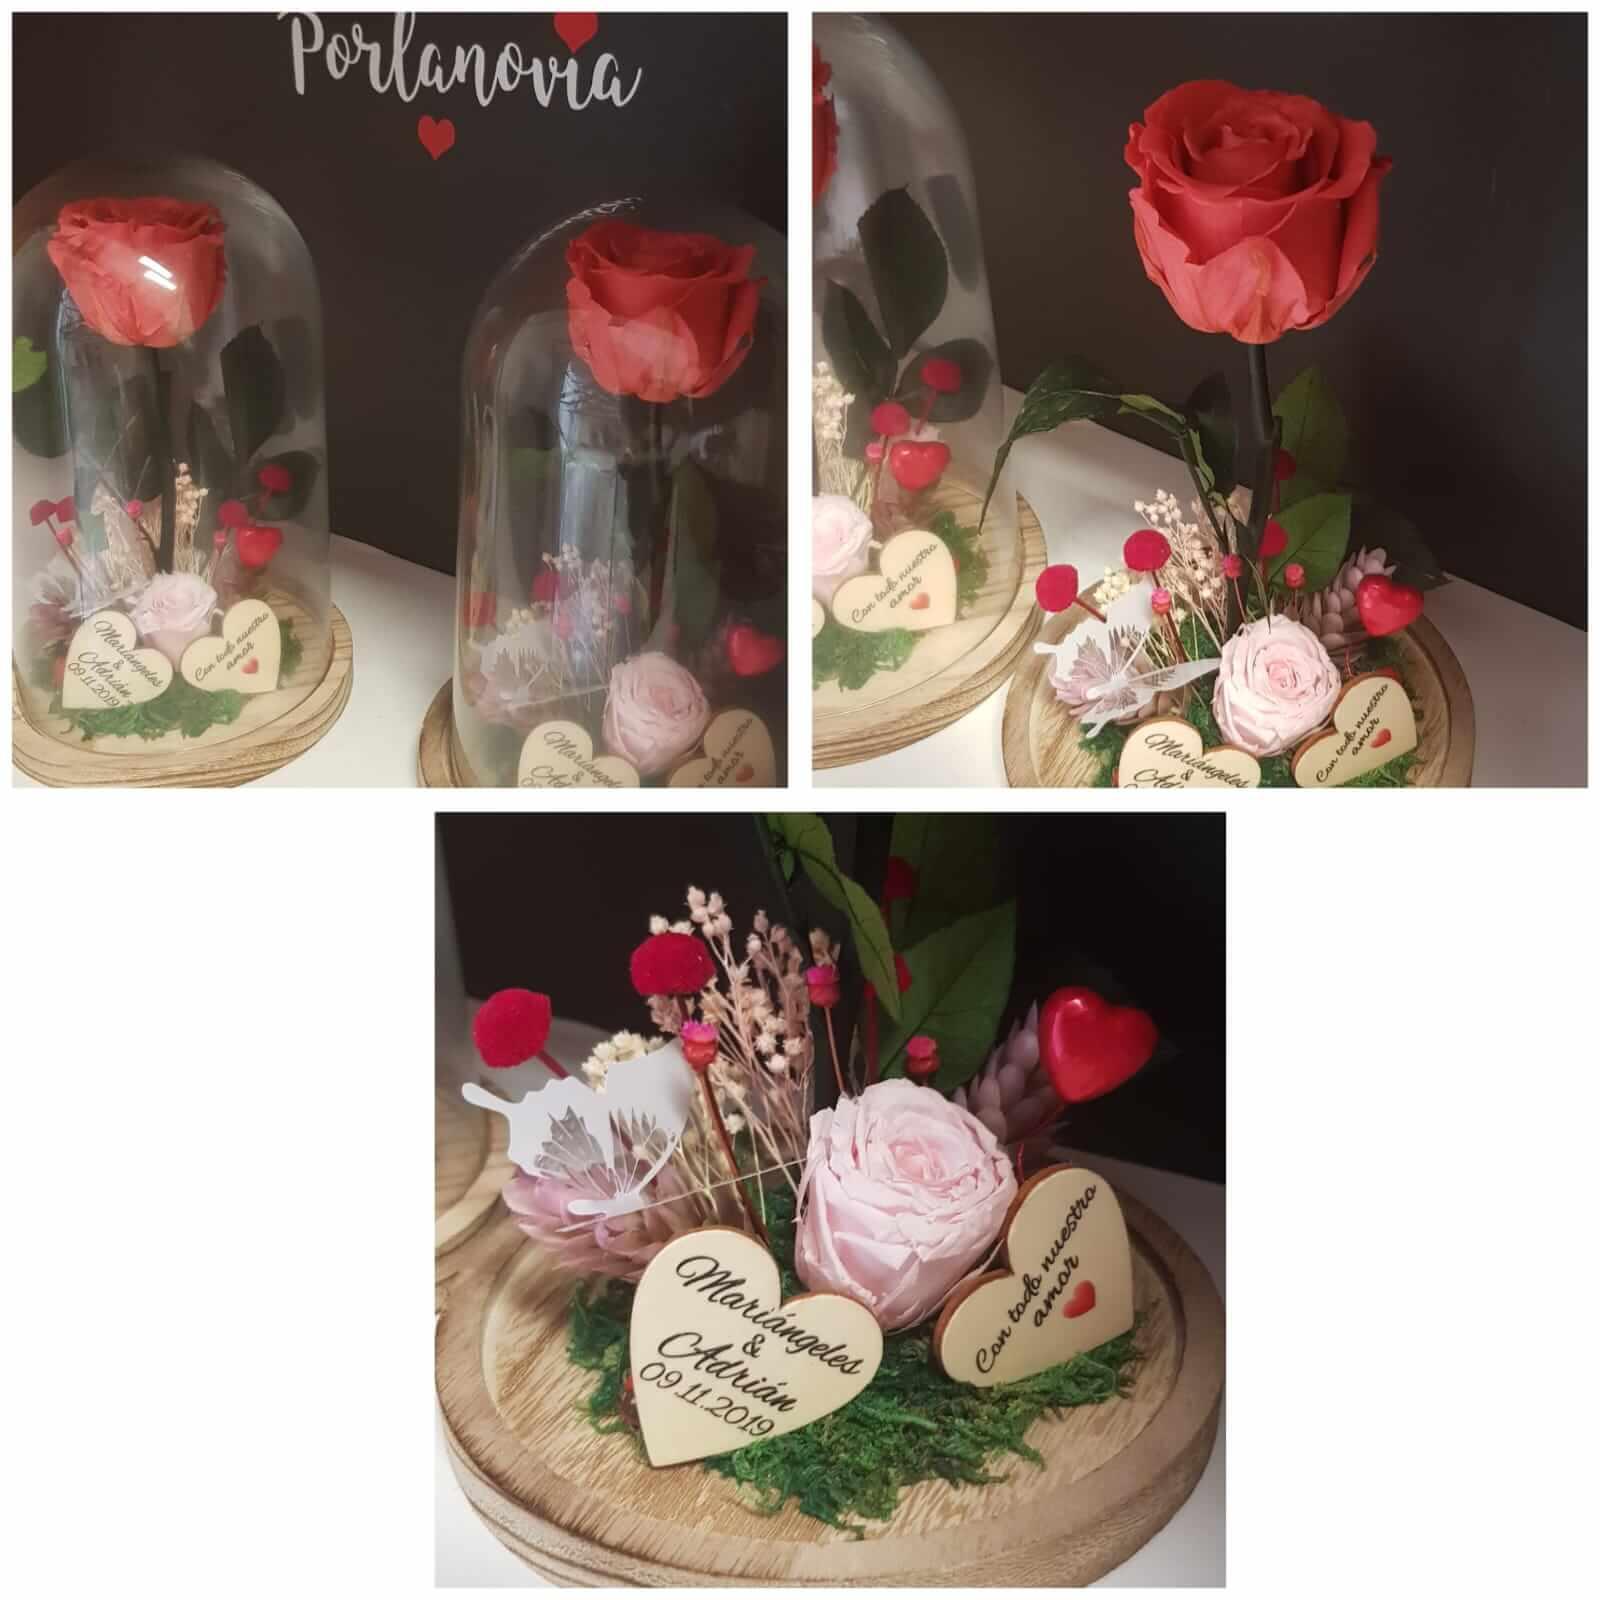 cupula de cristal cupula de cristal - Cupula de cristal con rosa preservada 1 - Cupula de cristal con rosa preservada